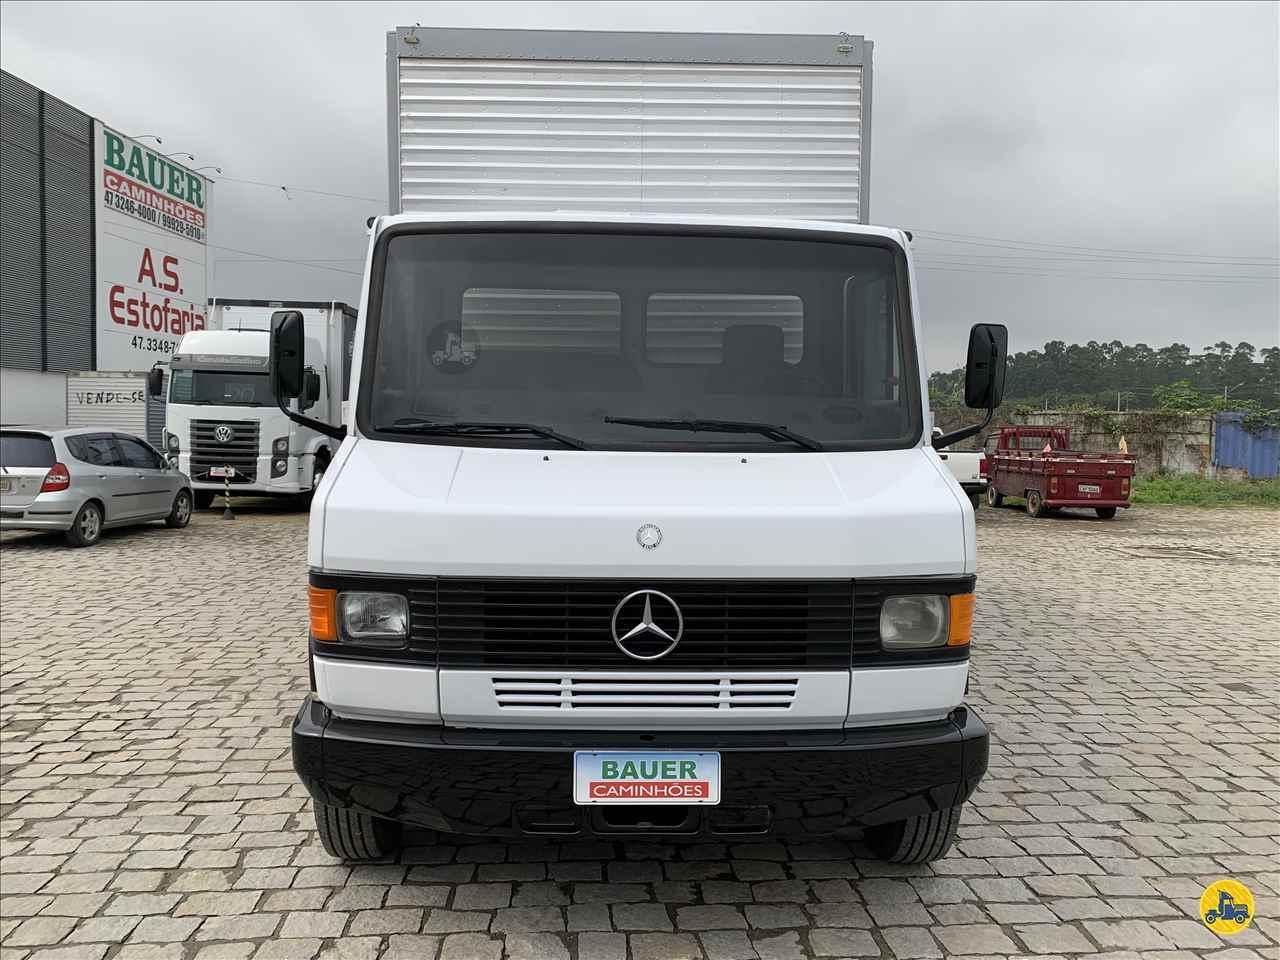 MB 710 de Bauer Caminhões - ITAJAI/SC